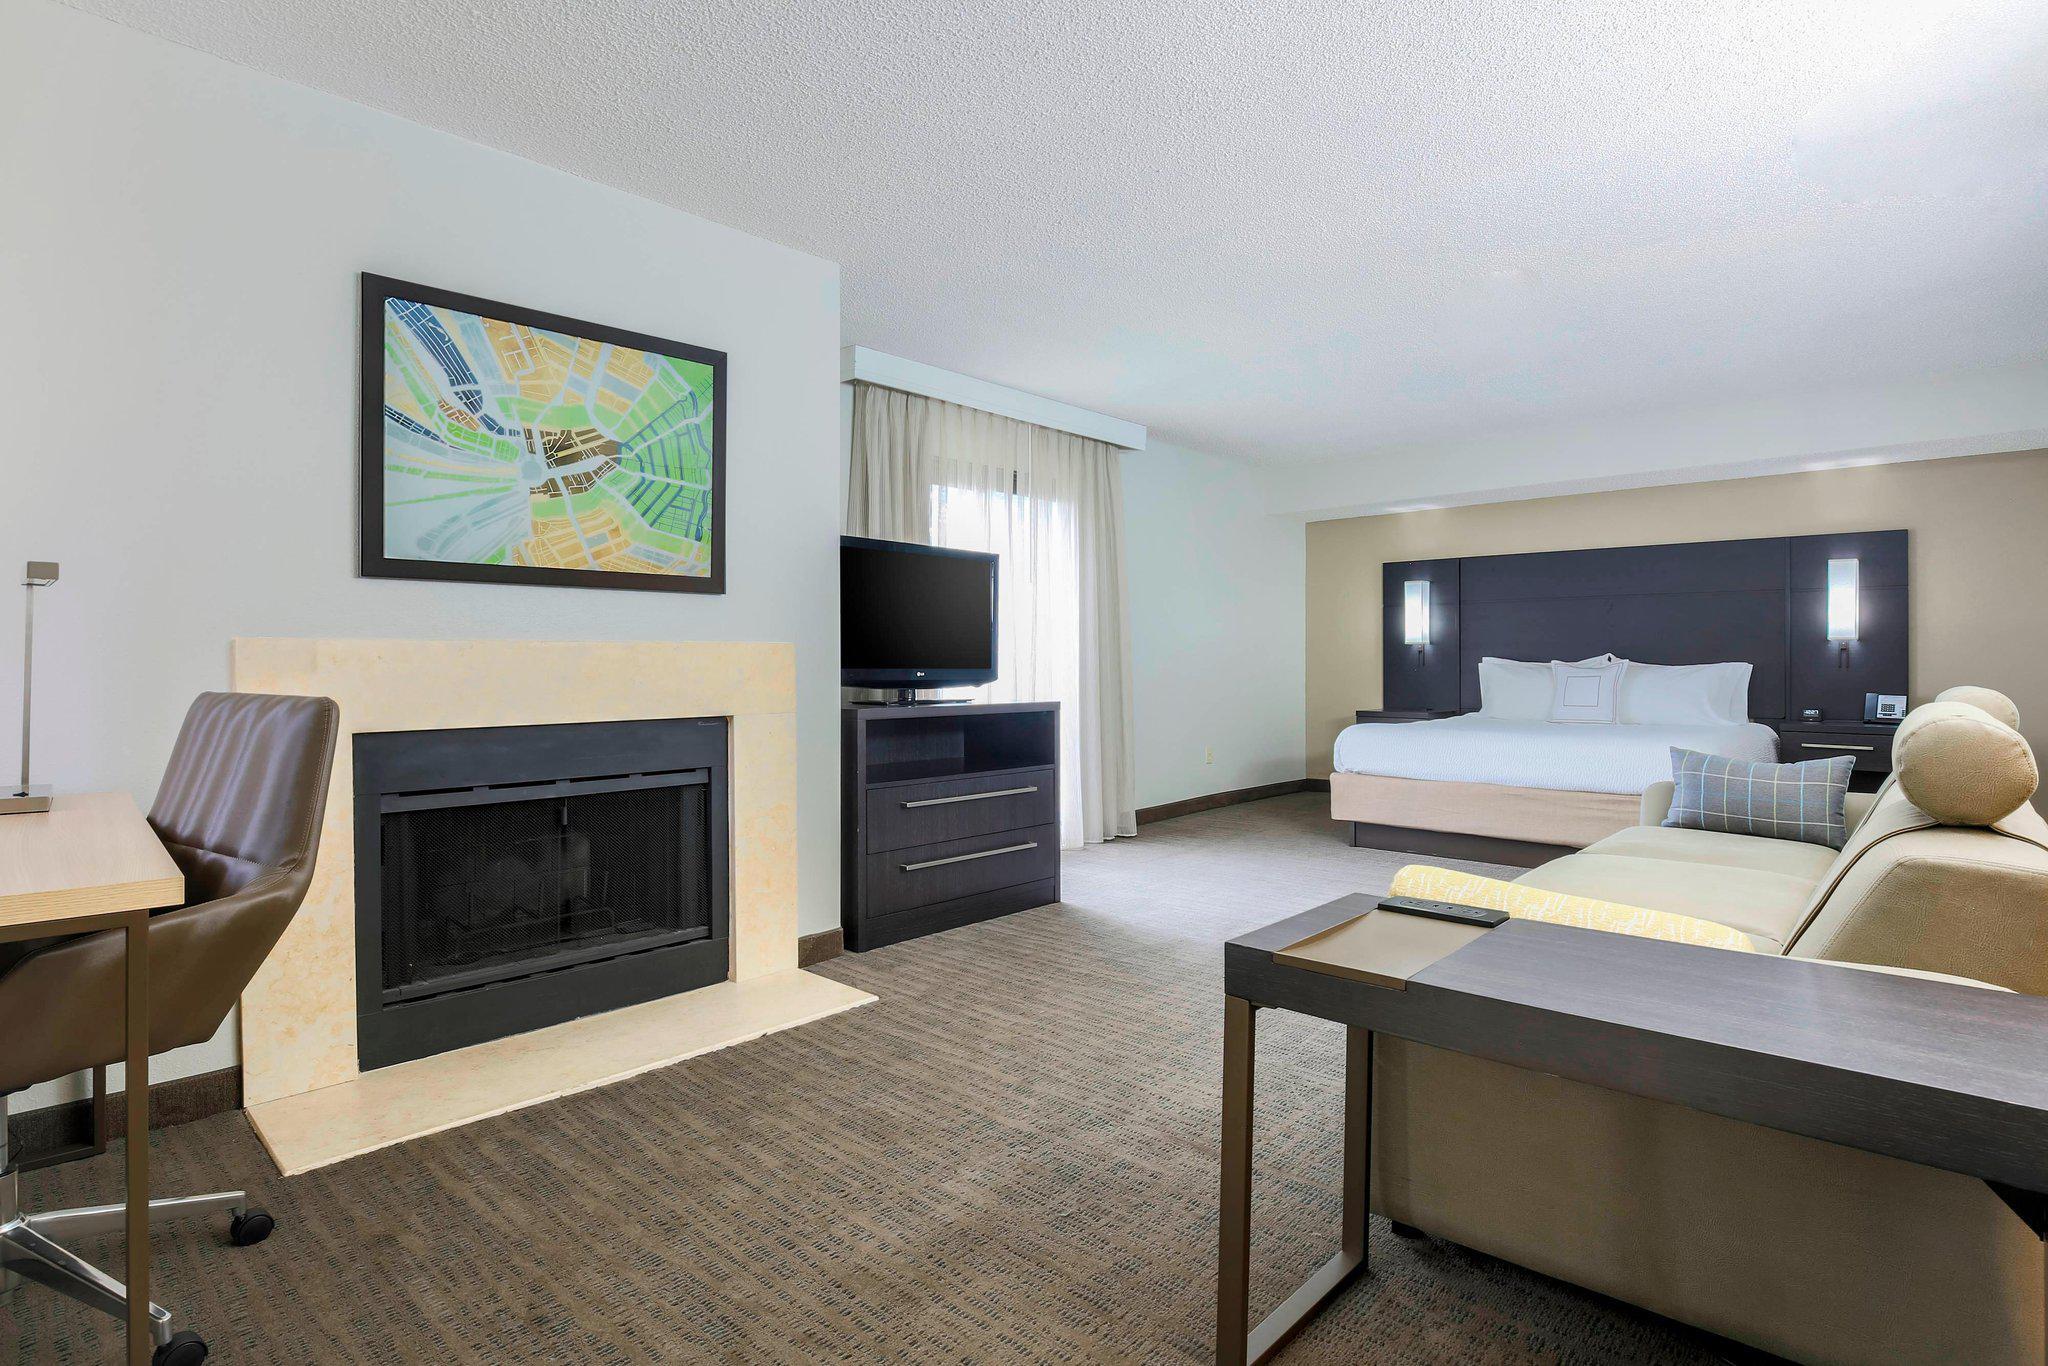 Residence Inn by Marriott St. Petersburg Clearwater